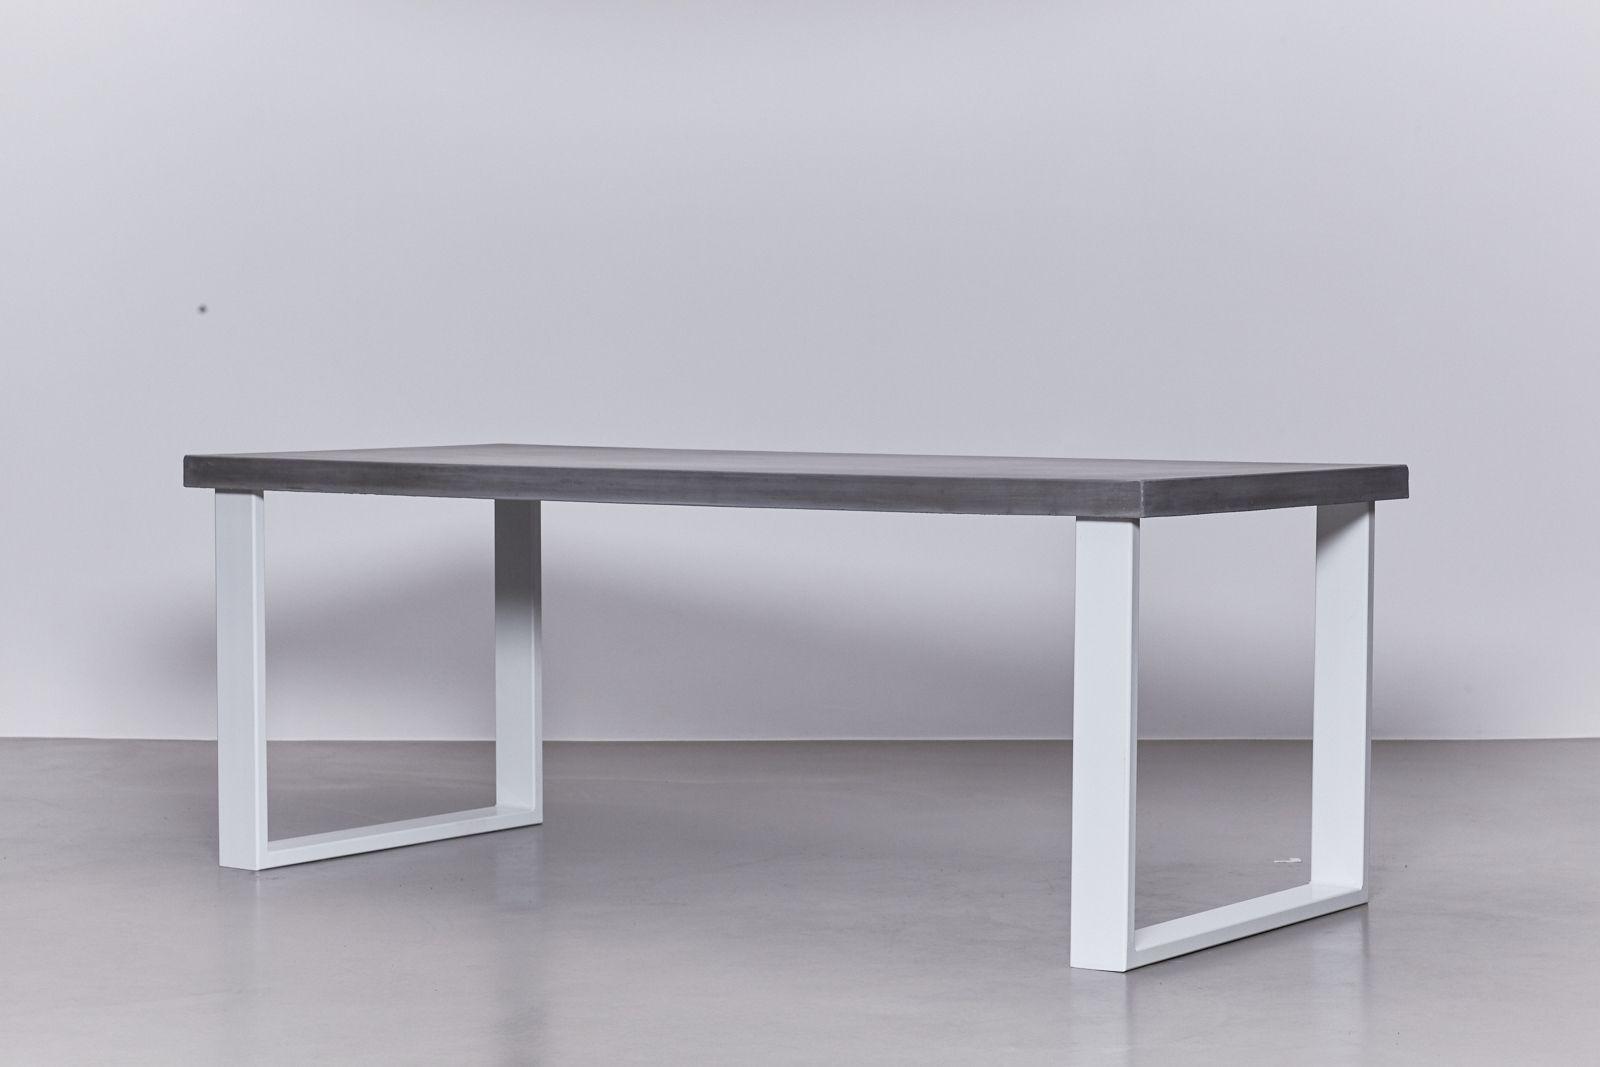 Onderstel Tafel Staal : Betonnen tafel antraciet u onderstel staal wit u de betonfabriek